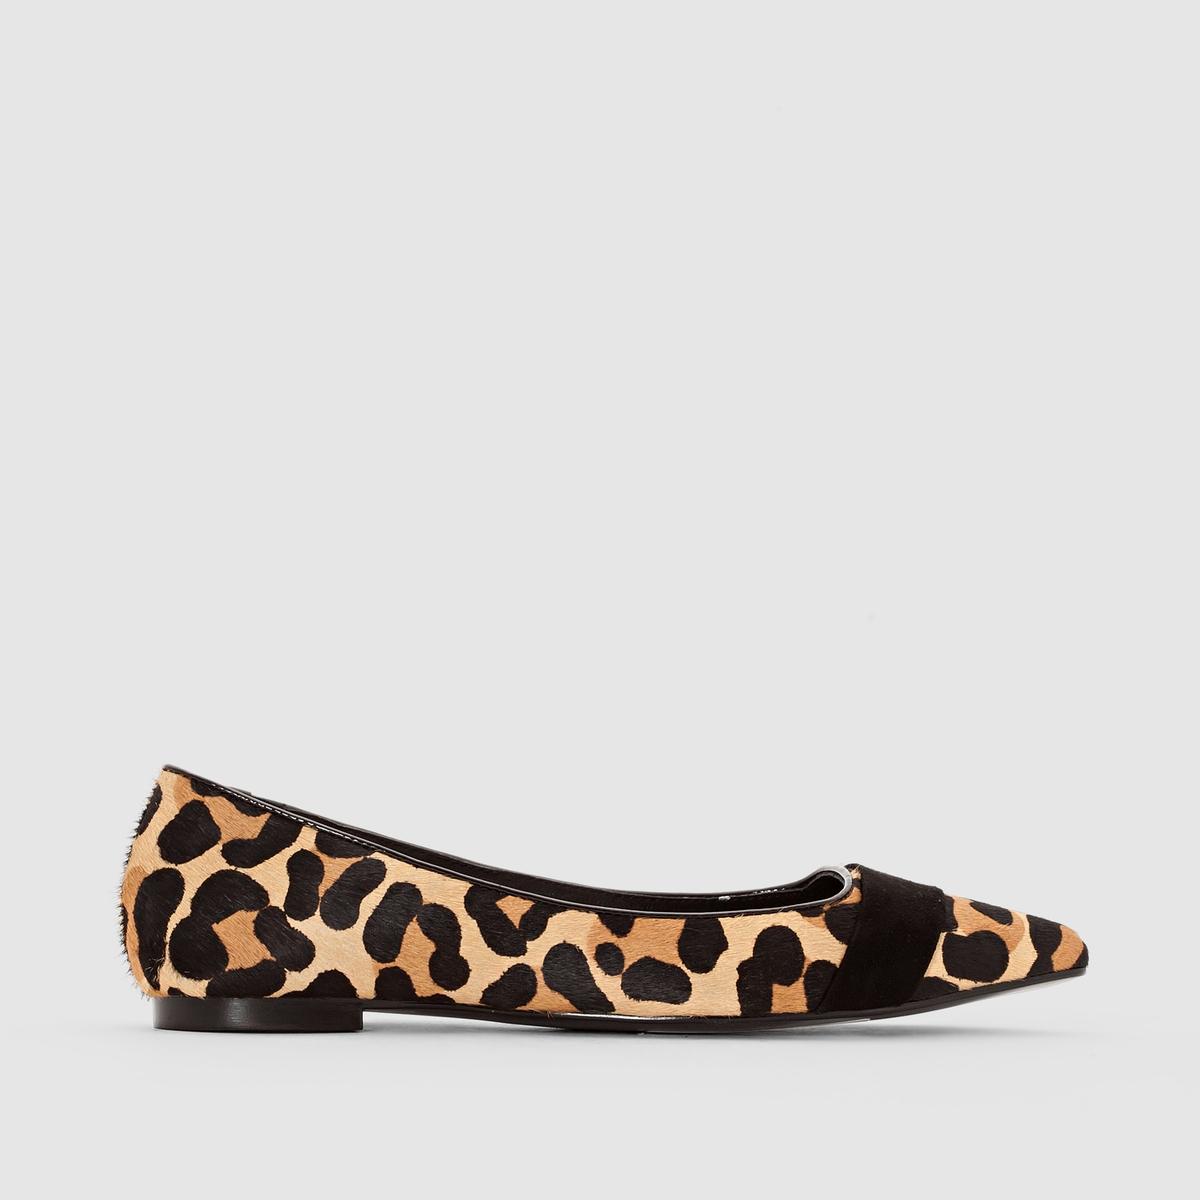 Балетки с леопардовым принтомБалетки с леопардовым принтом ATELIER R  Верх : кожа. Подкладка : кожа.Стелька : кожа.Подошва : из эластомера.Застежка : без застежки. Преимущества:   : вы получите невероятное удовольствие, надев эти балетки с модным в этом сезоне   леопардовым принтом .<br><br>Цвет: черный леопард<br>Размер: 38